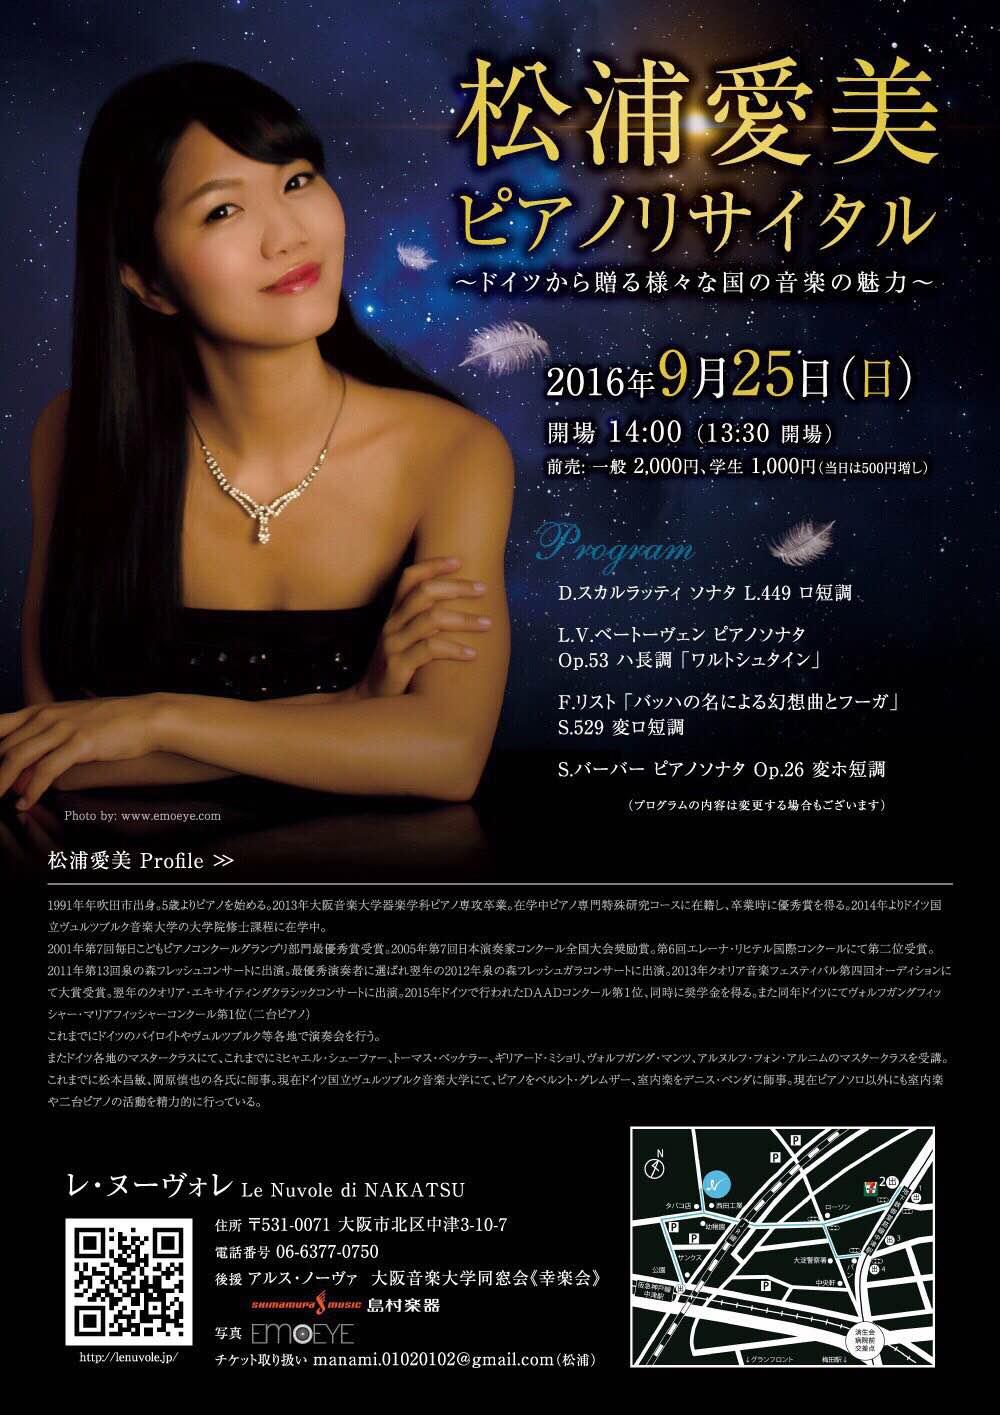 9/25(日)松浦愛美 ピアノリサイタル